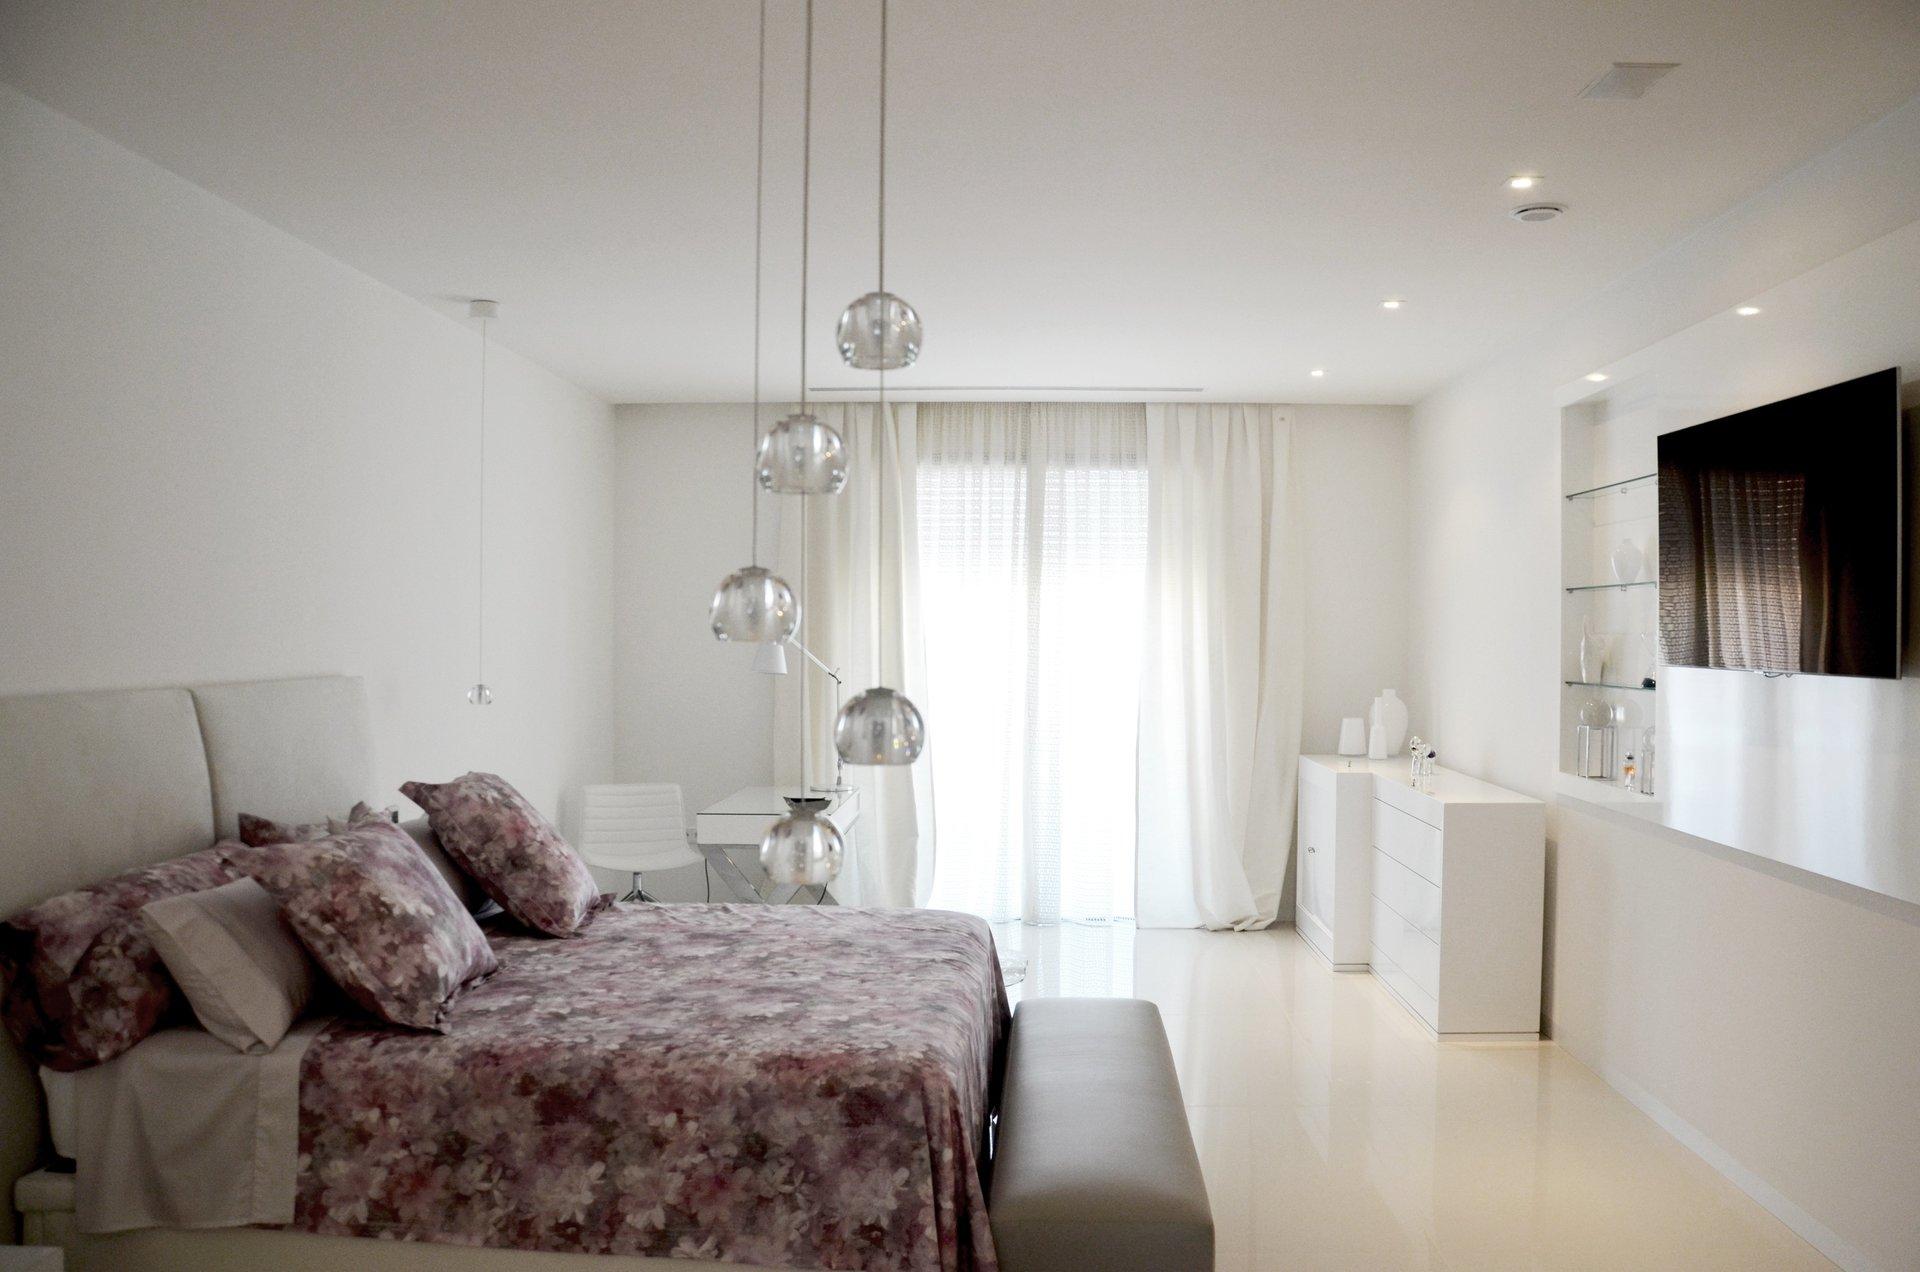 Estancias de diseño en vivienda unifamiliar moderna en Almeria. Arquitectura moderna en Almeria. Interiorismo Almeria.